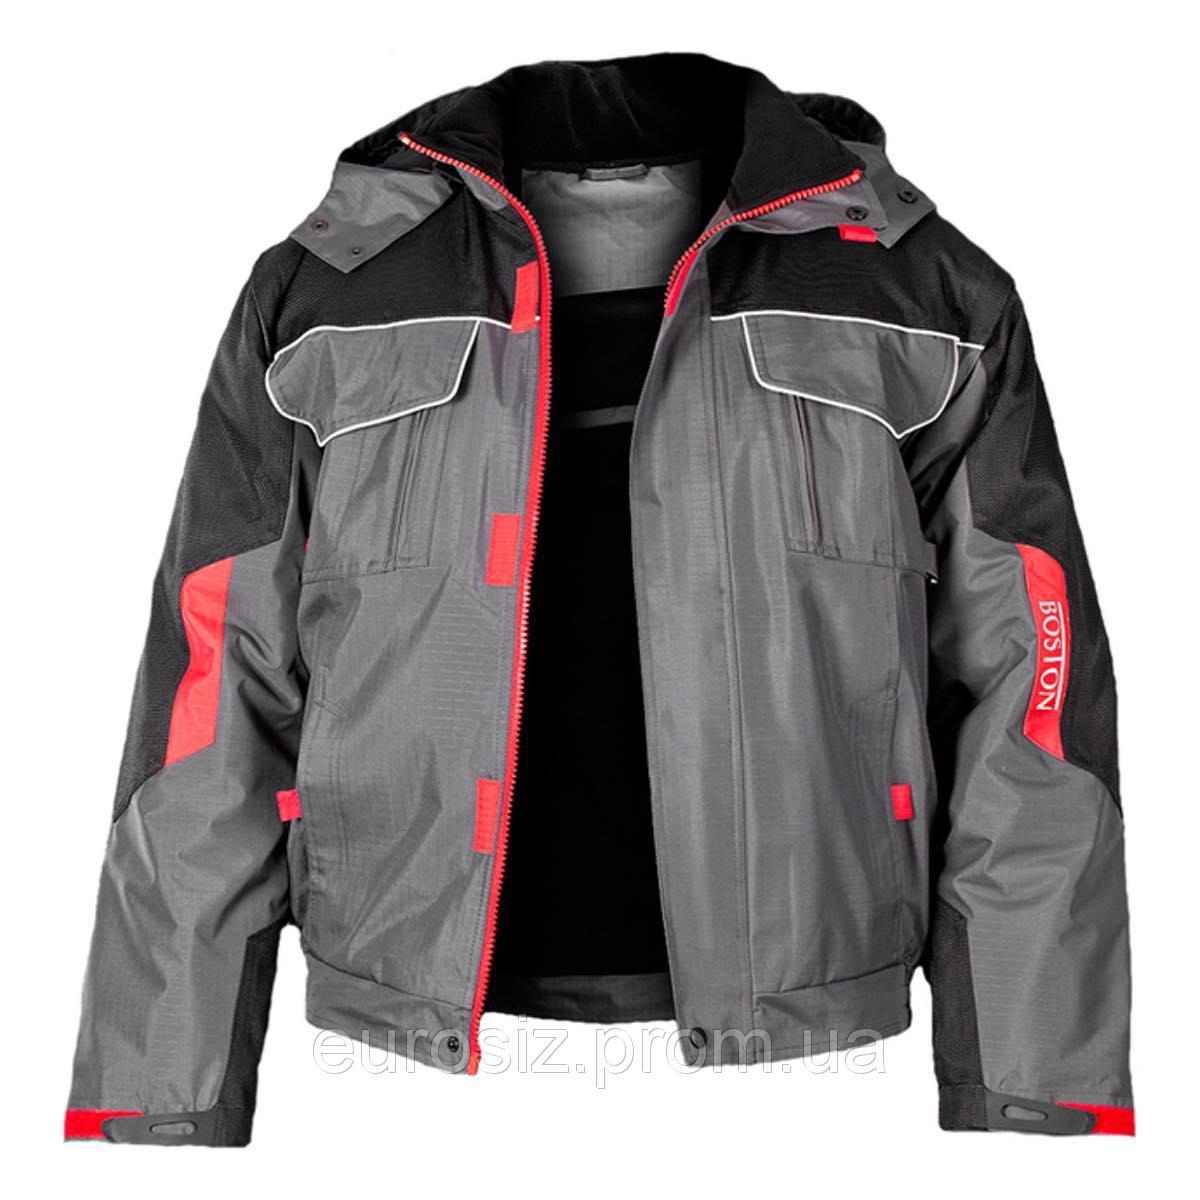 Куртка рабочая зимняя утепленная